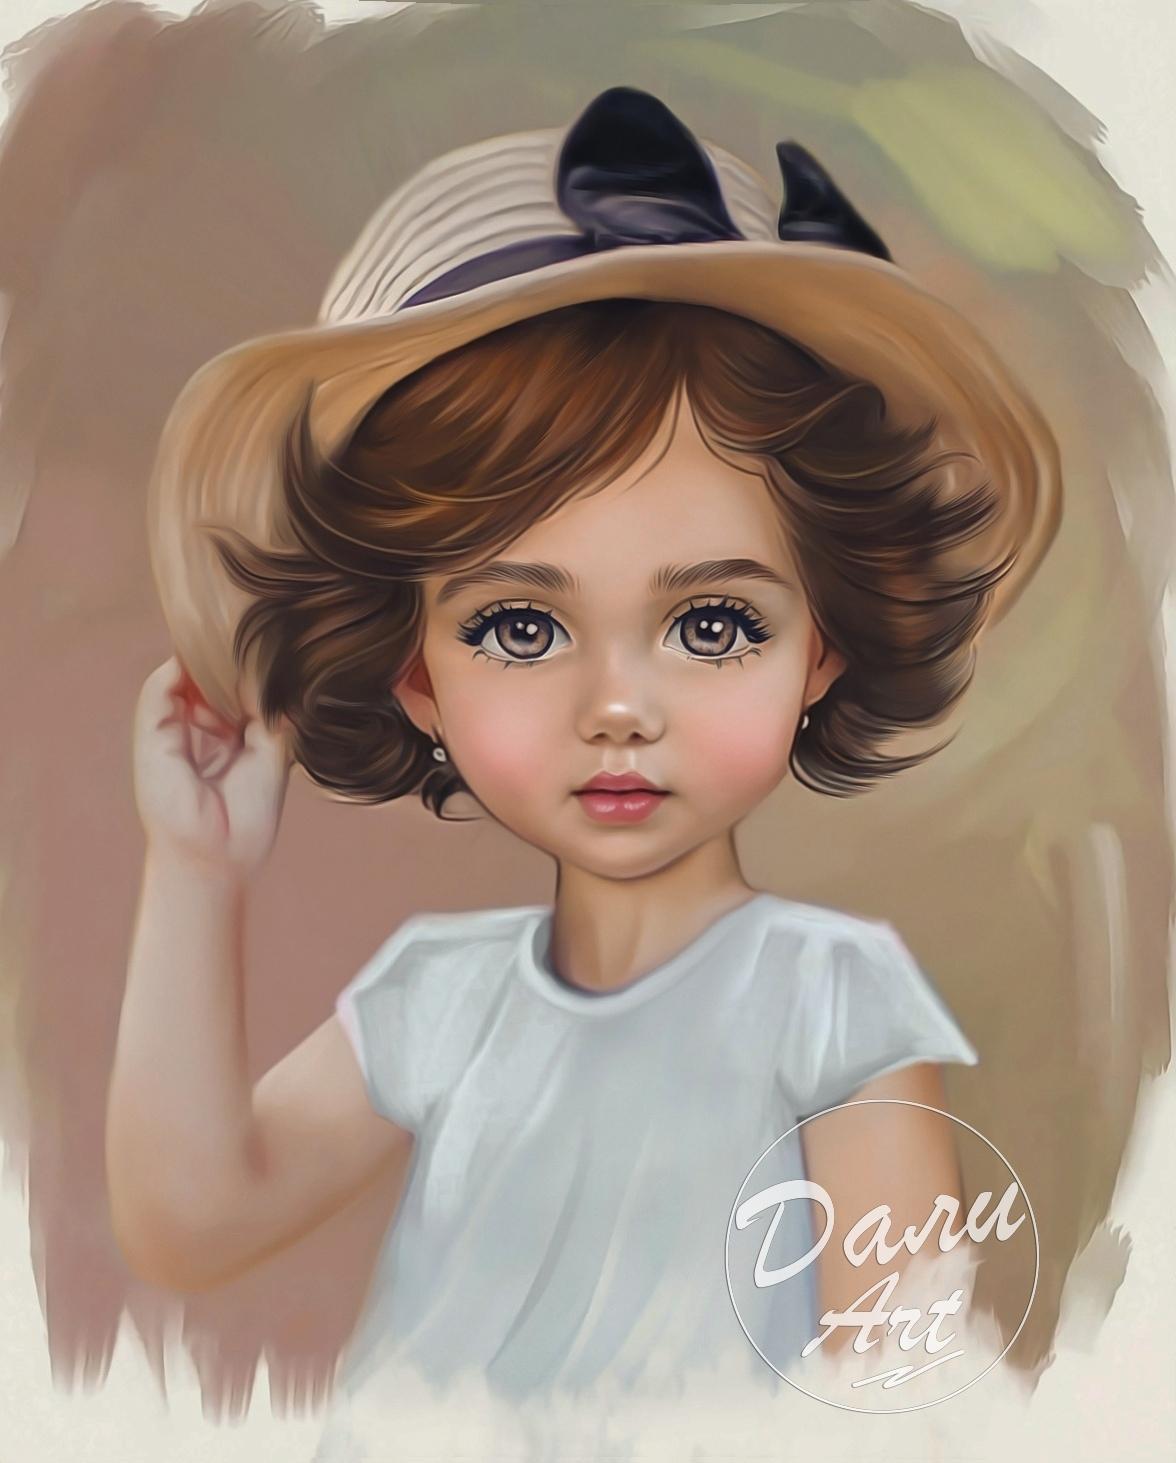 Российская художница превращает детские фотографии в очаровательные мультяшные п - Фото